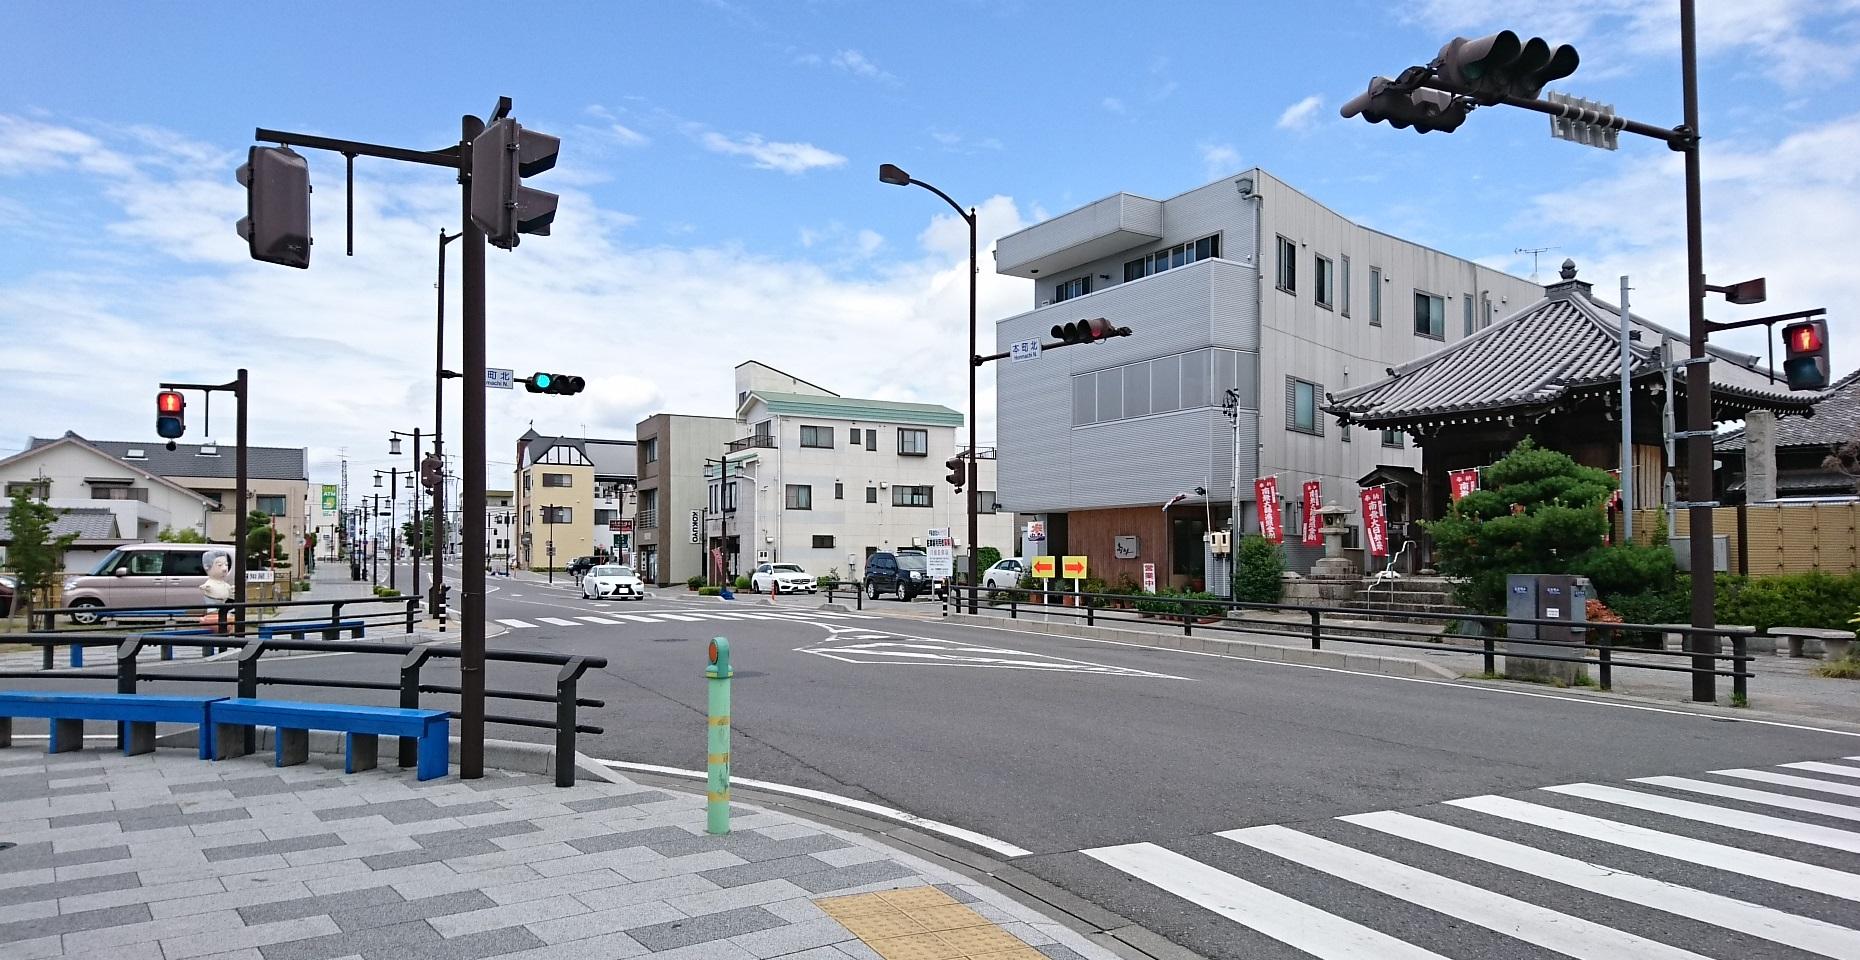 2017.7.21 西尾 (7) おこのみやきの高知屋さん 1860-960